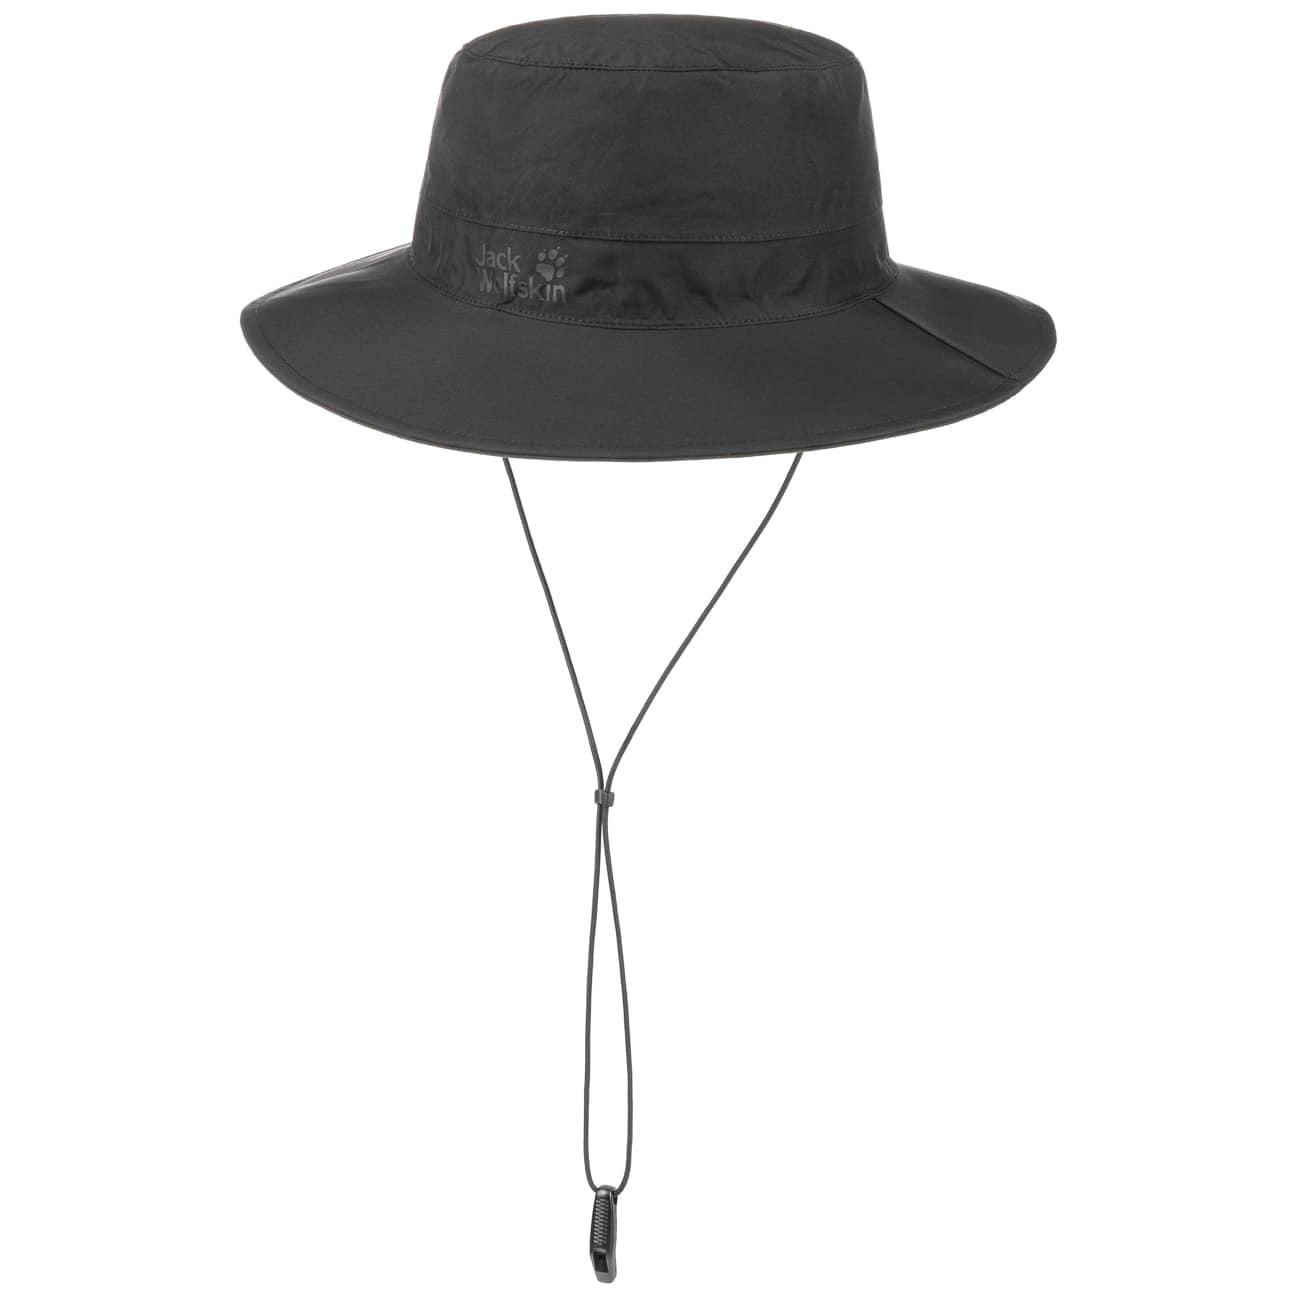 Chapeau Texapore Ecosphere by Jack Wolfskin  chapeau de pluie